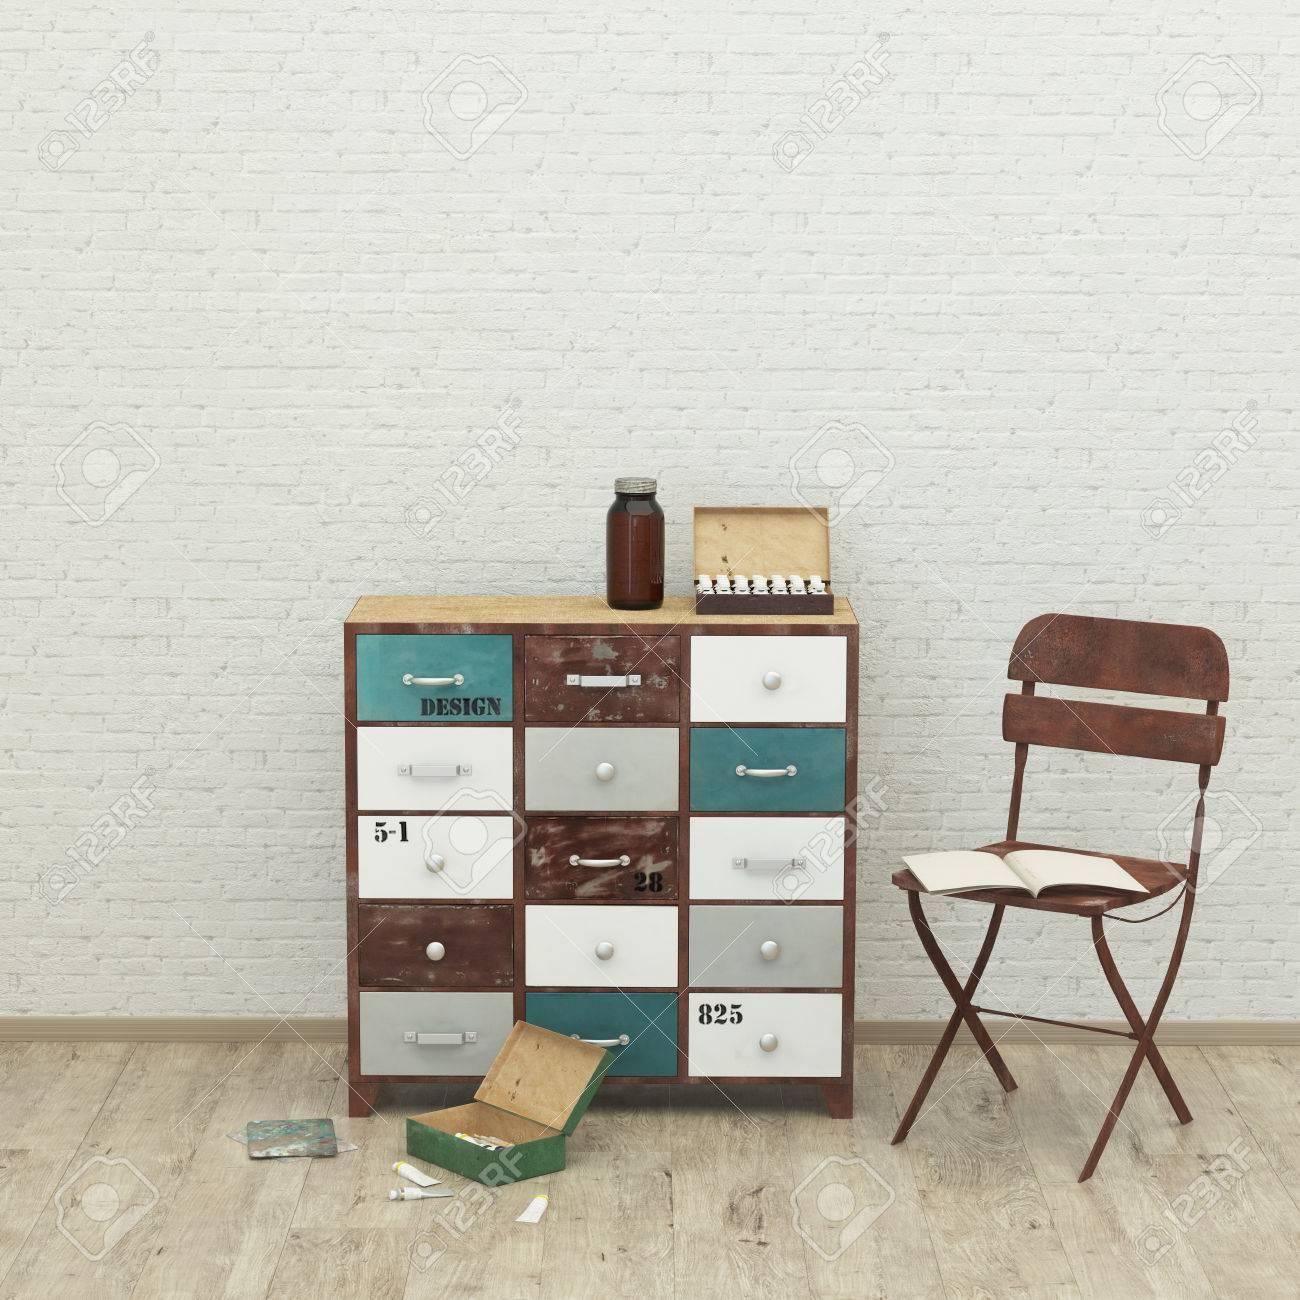 Loft Style Fond Intérieur Moderne Avec Chaise Peinture Brosse Mur De Brique Rendu 3d